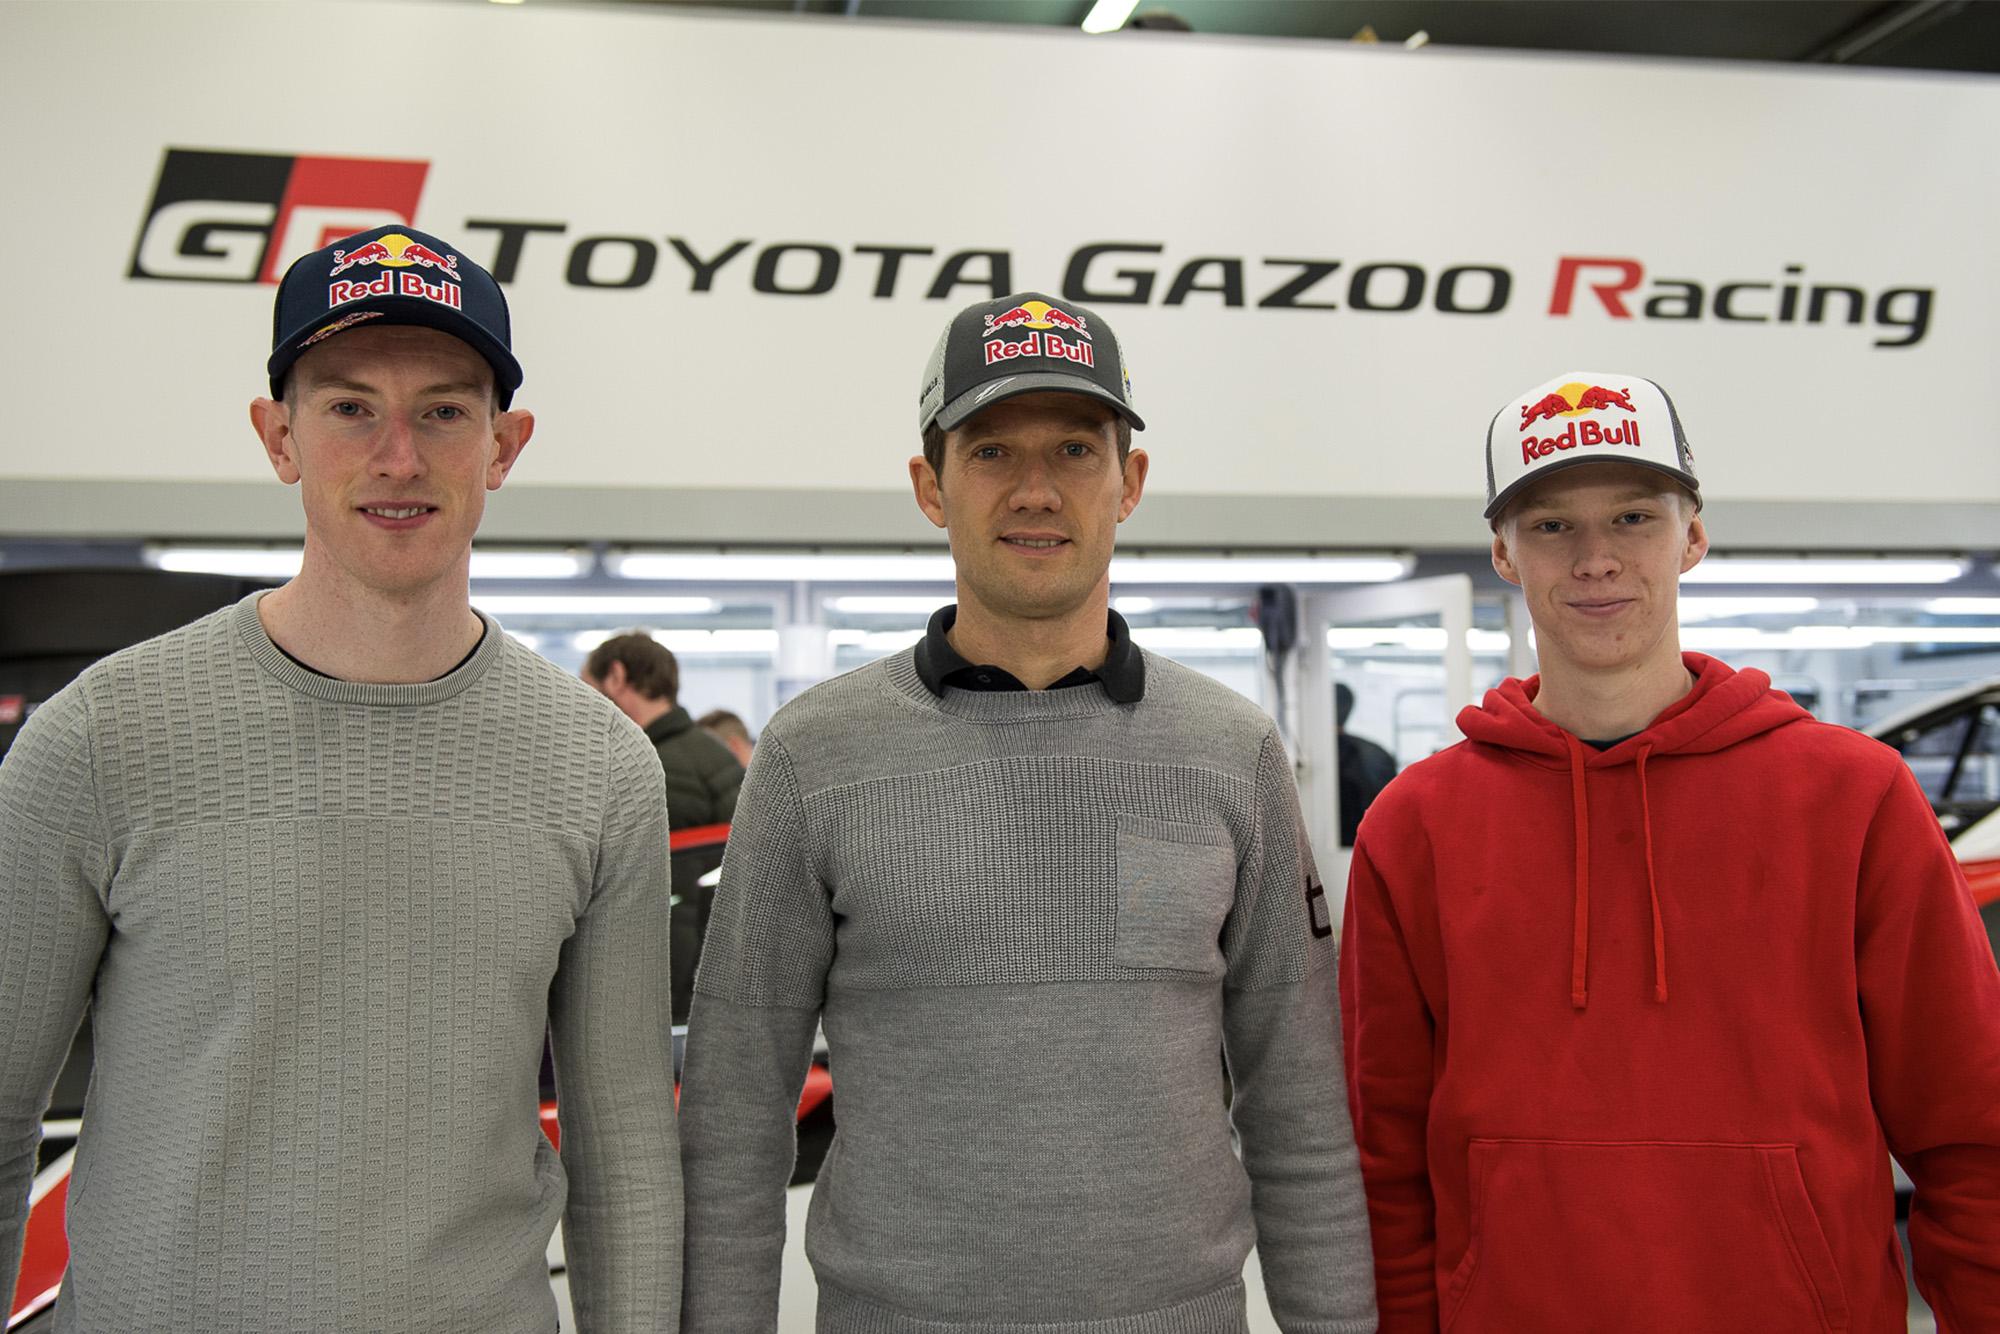 Sebastien Ogier, Elfyn Evans and Kalle Rovanpera as Toyota's 2020 WRC line-up